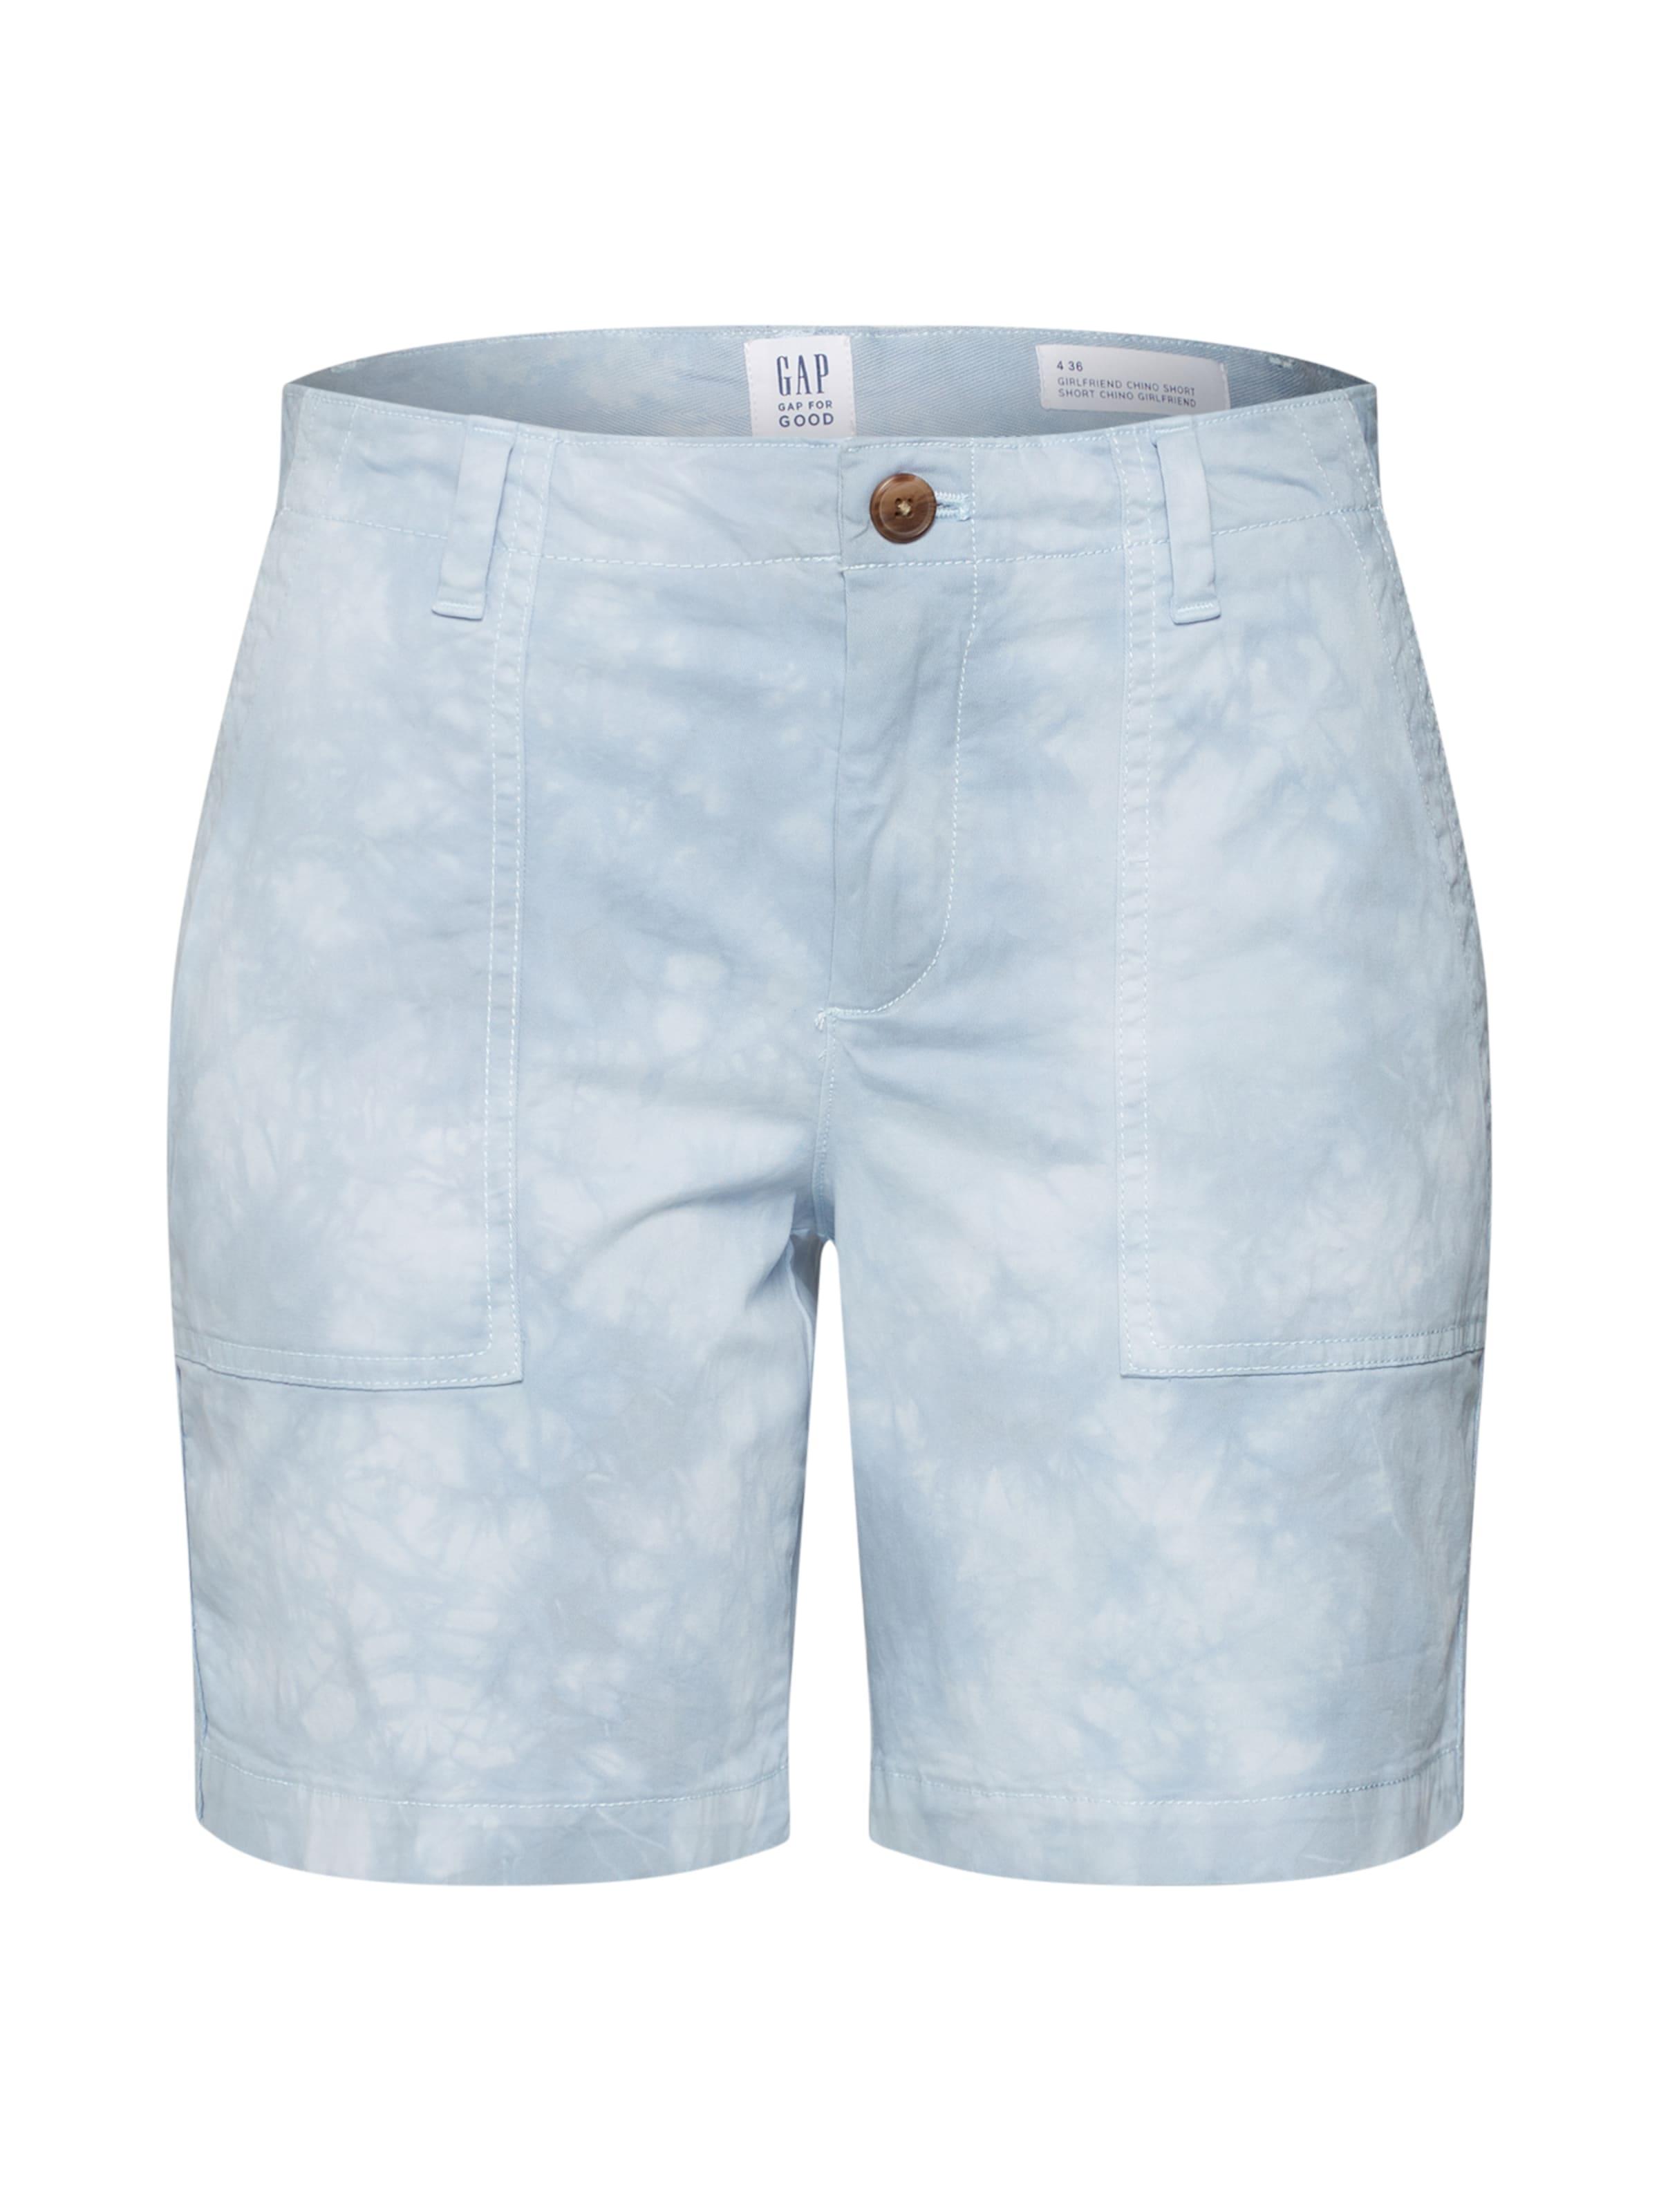 Gap Pantalon En Gap Bleu En Pantalon En Bleu Pantalon Gap jqA3L54Rc